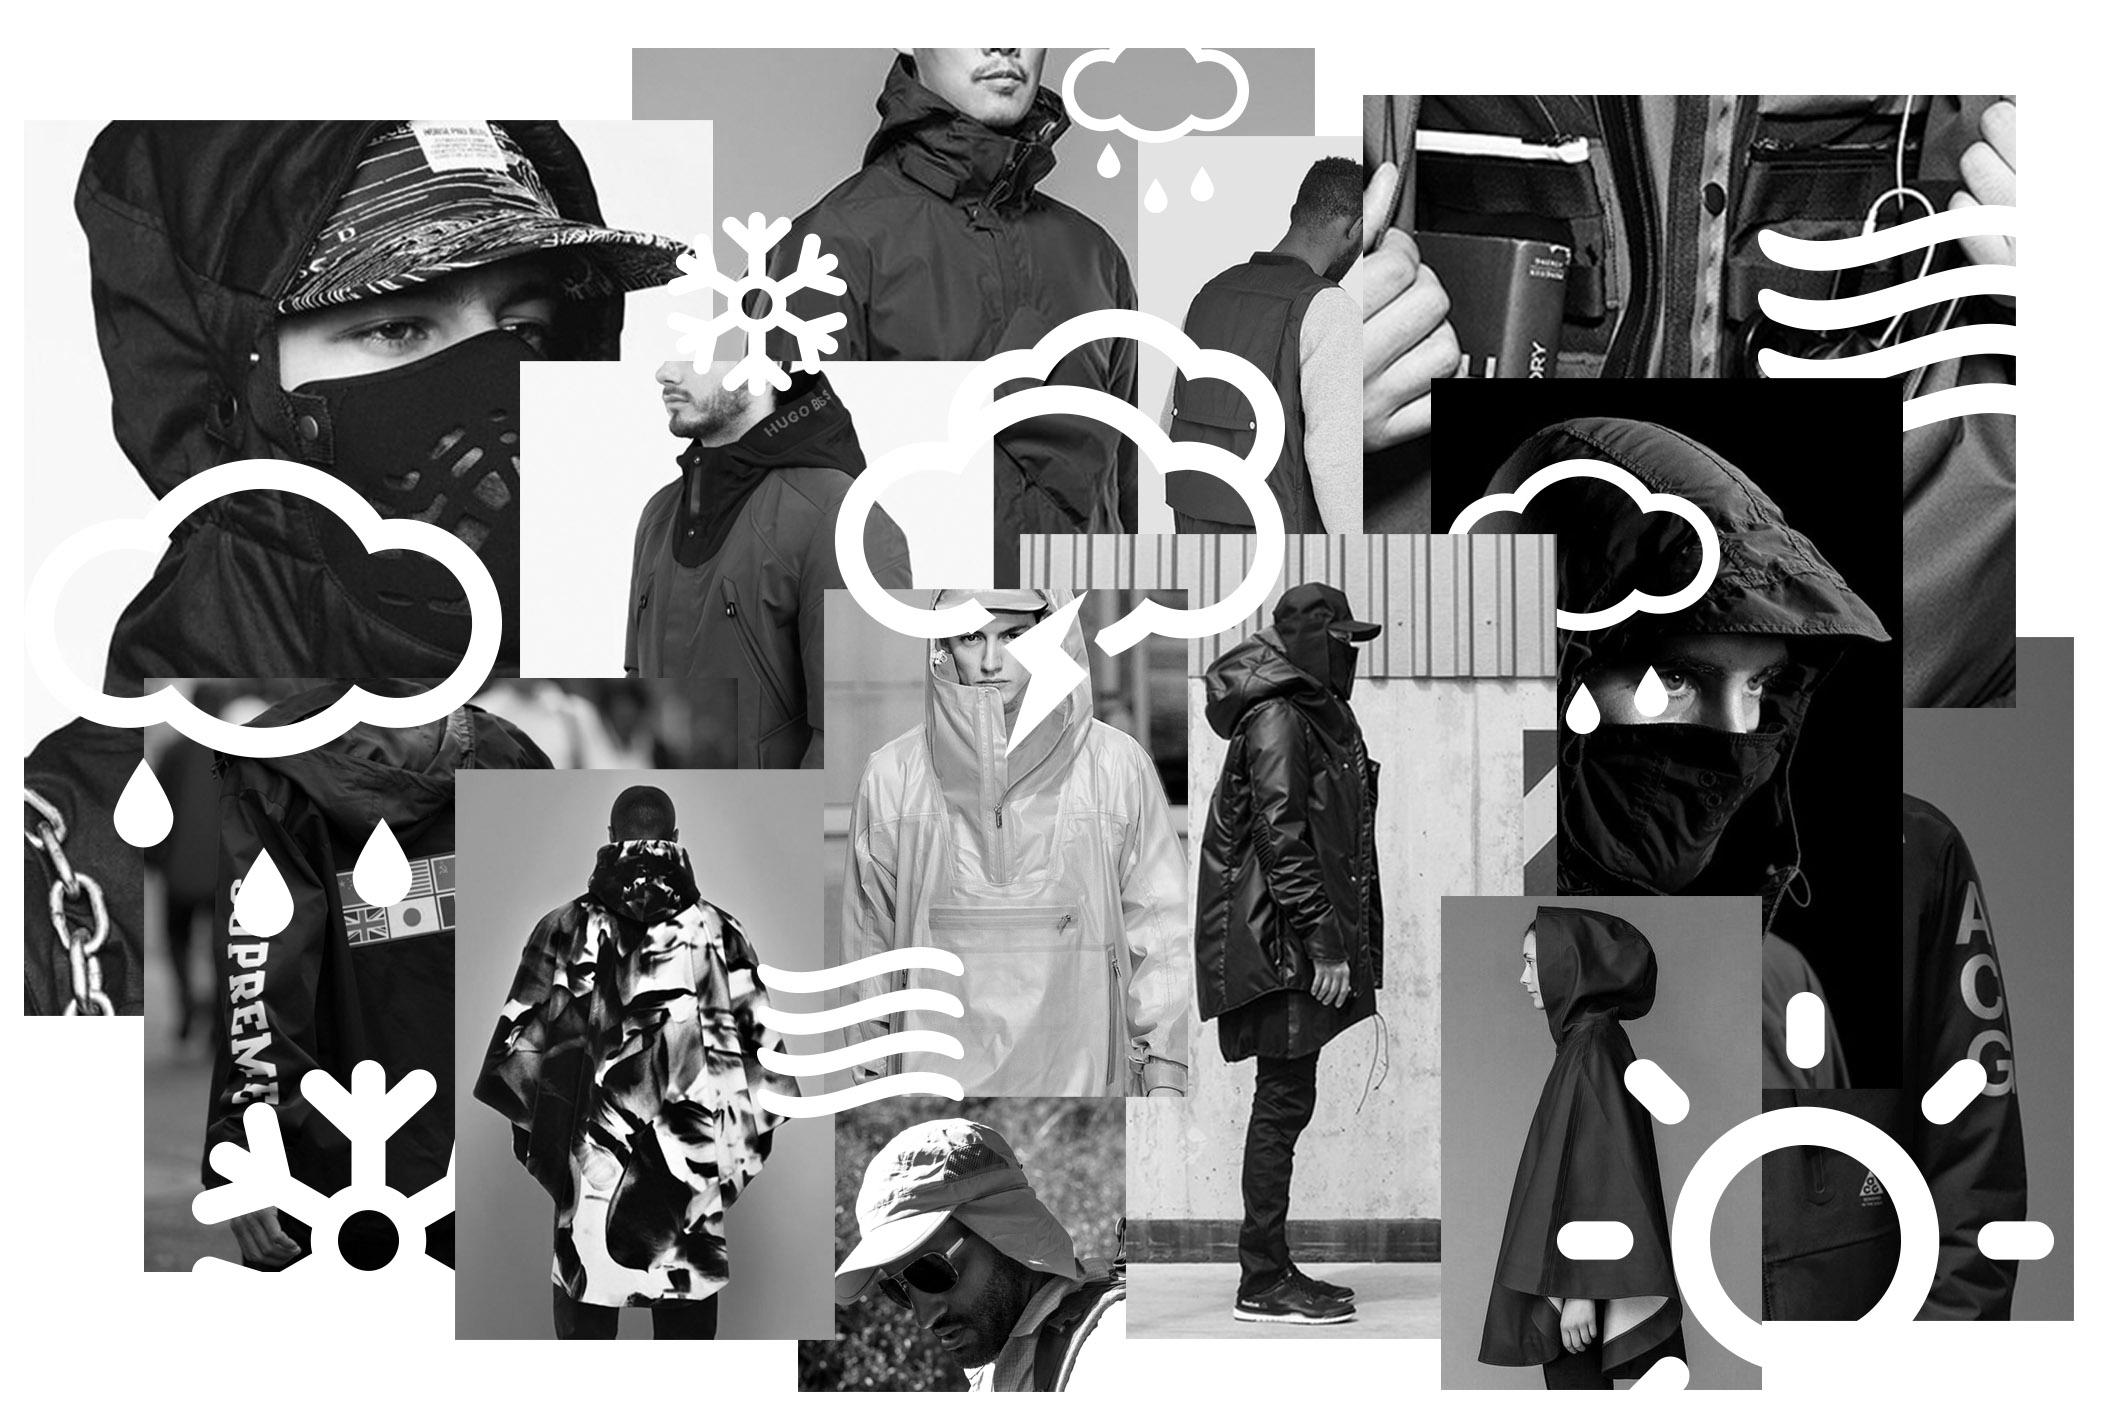 The Melbourne Jacket design mood board.